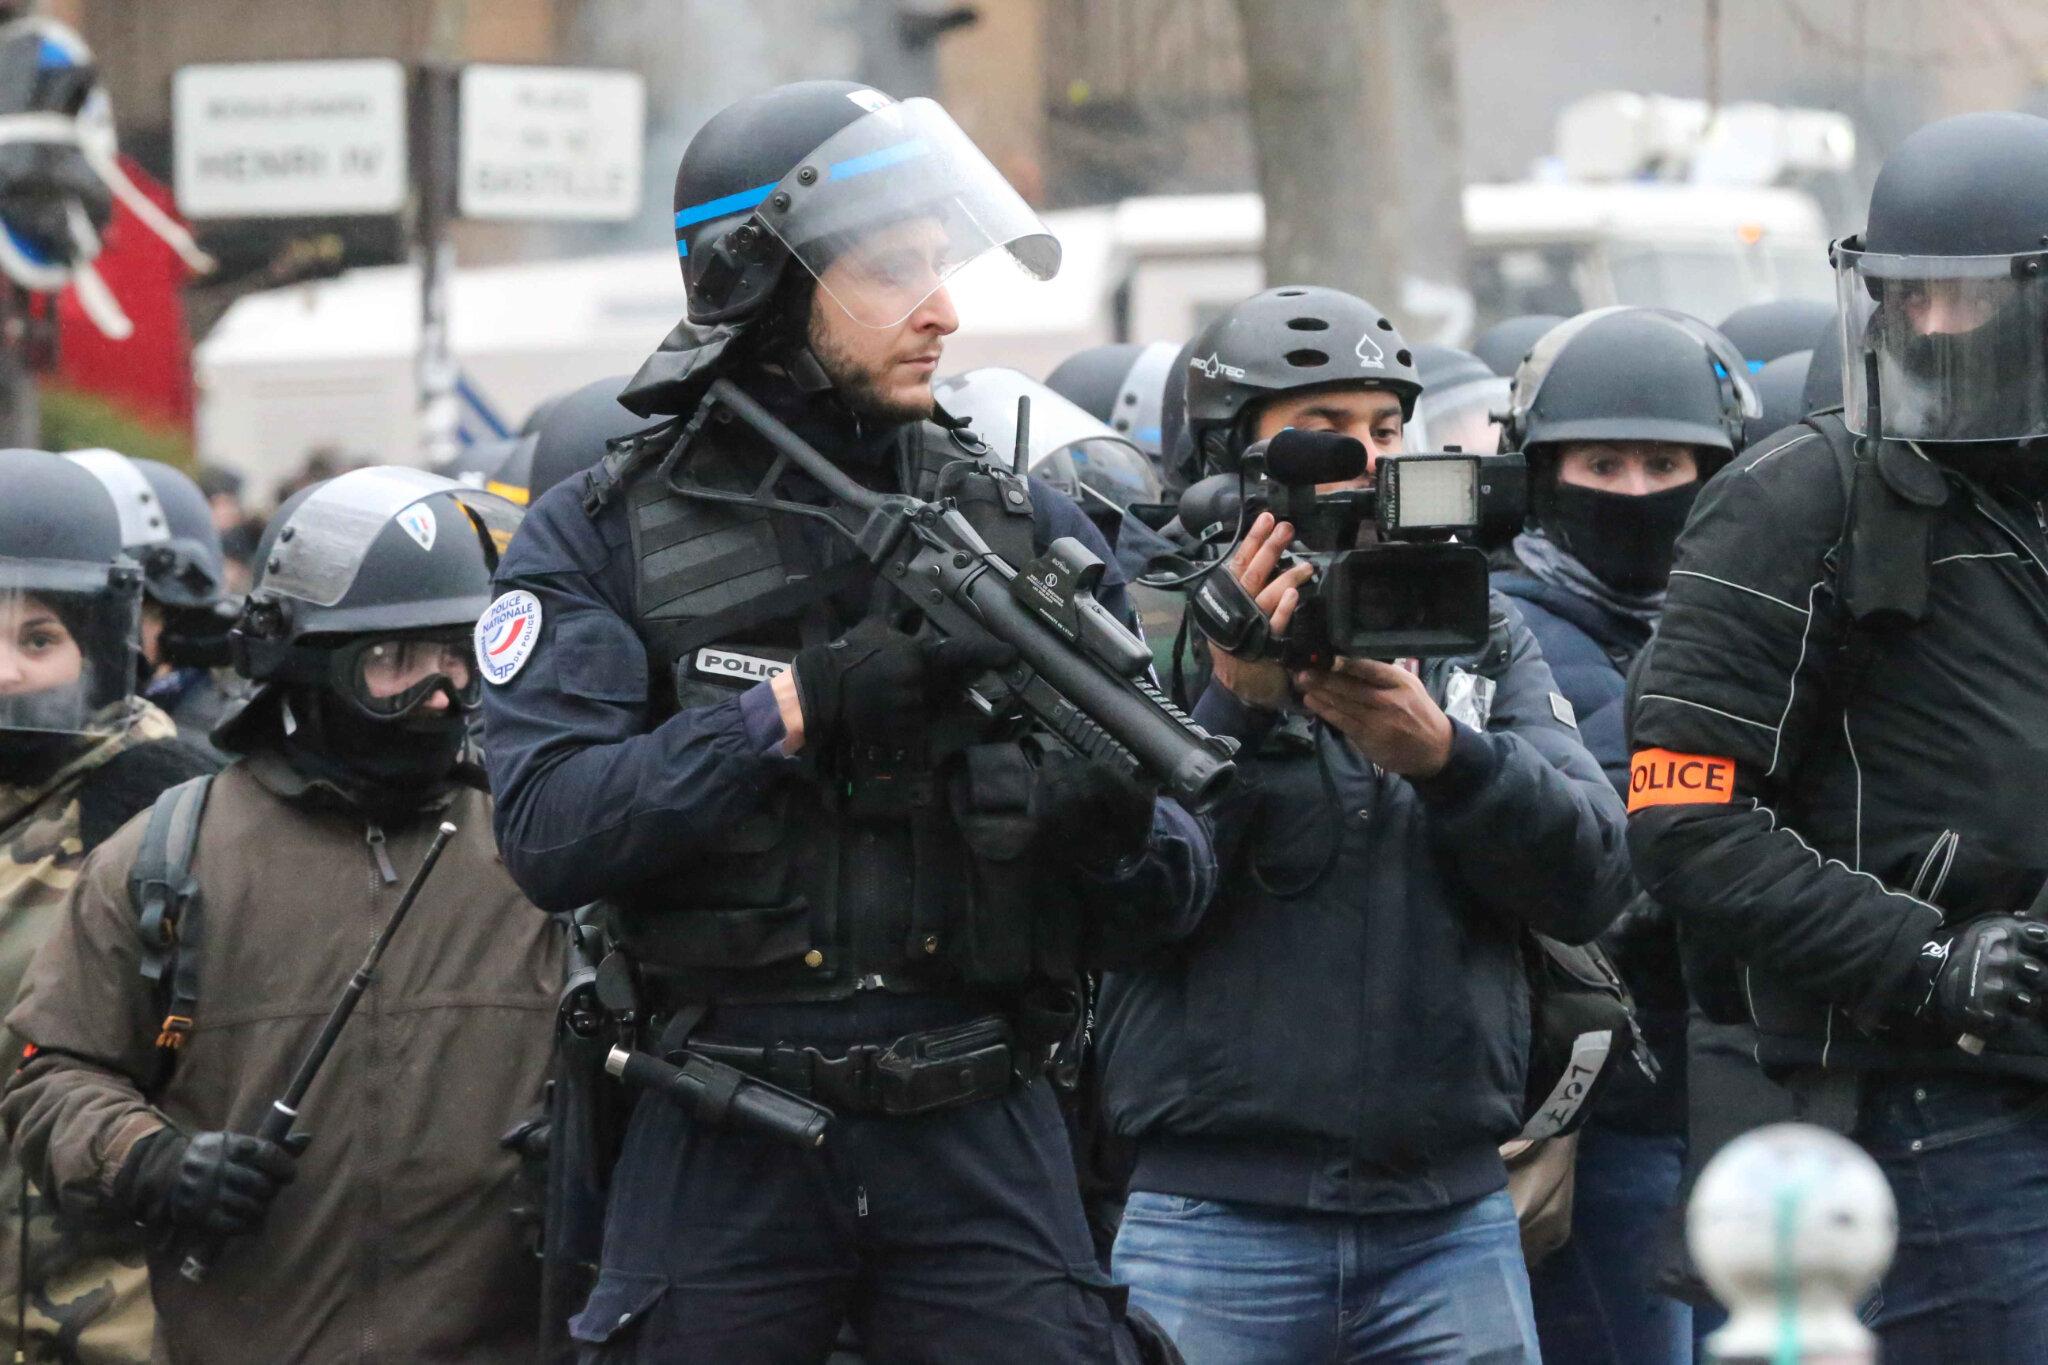 Le ministère n'oblige pas vraiment les policiers à filmer leurs tirs. © Michel Stoupak. Sam 26.01.2019, 16h32m19.